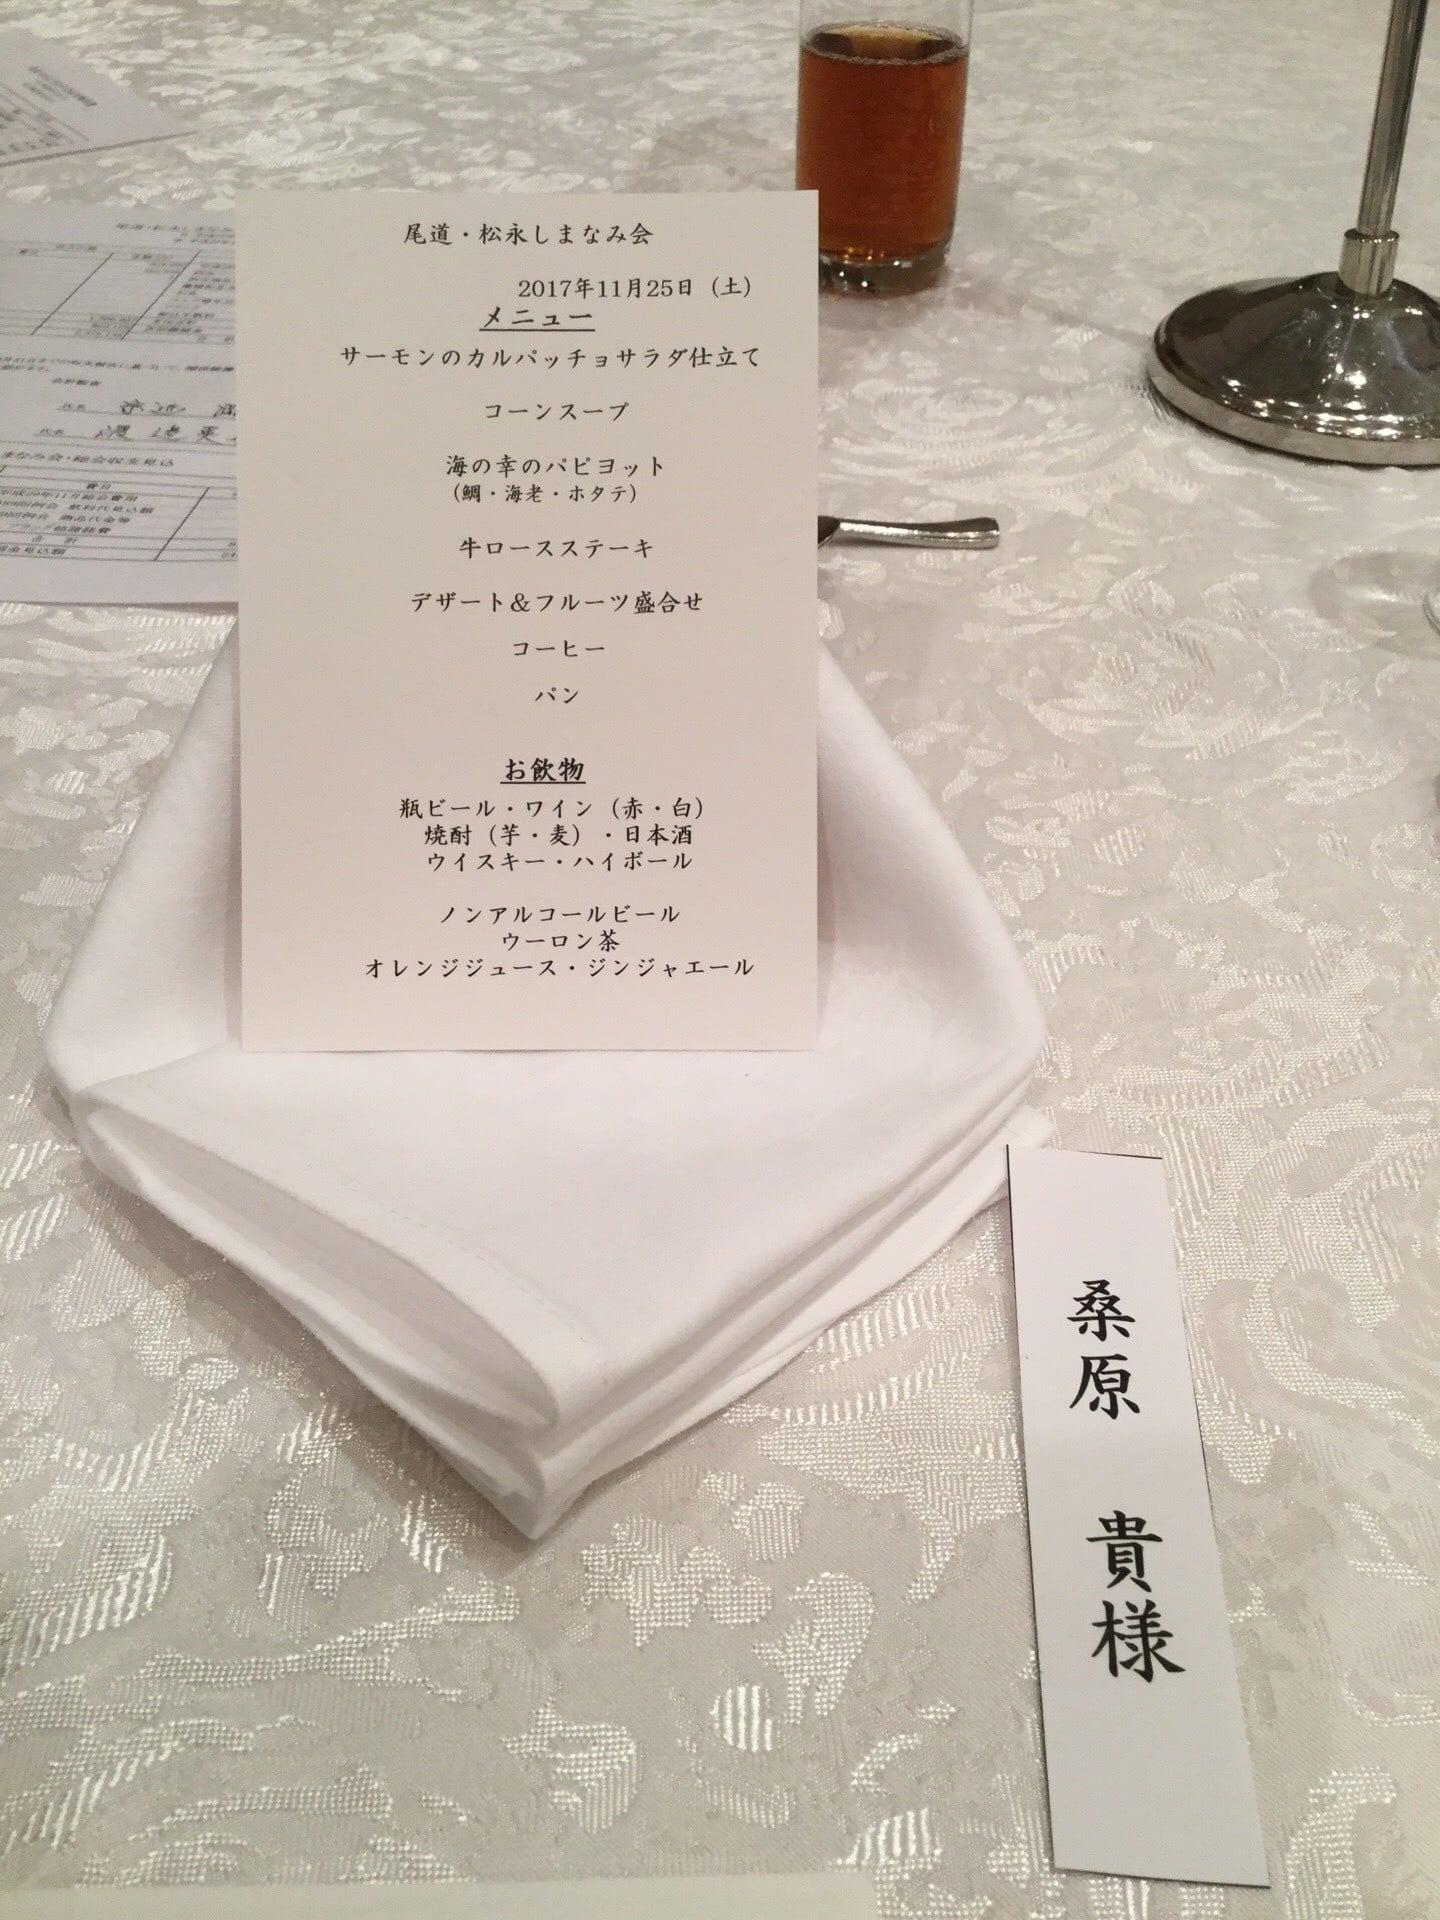 カントリー クラブ うずしお 尾道